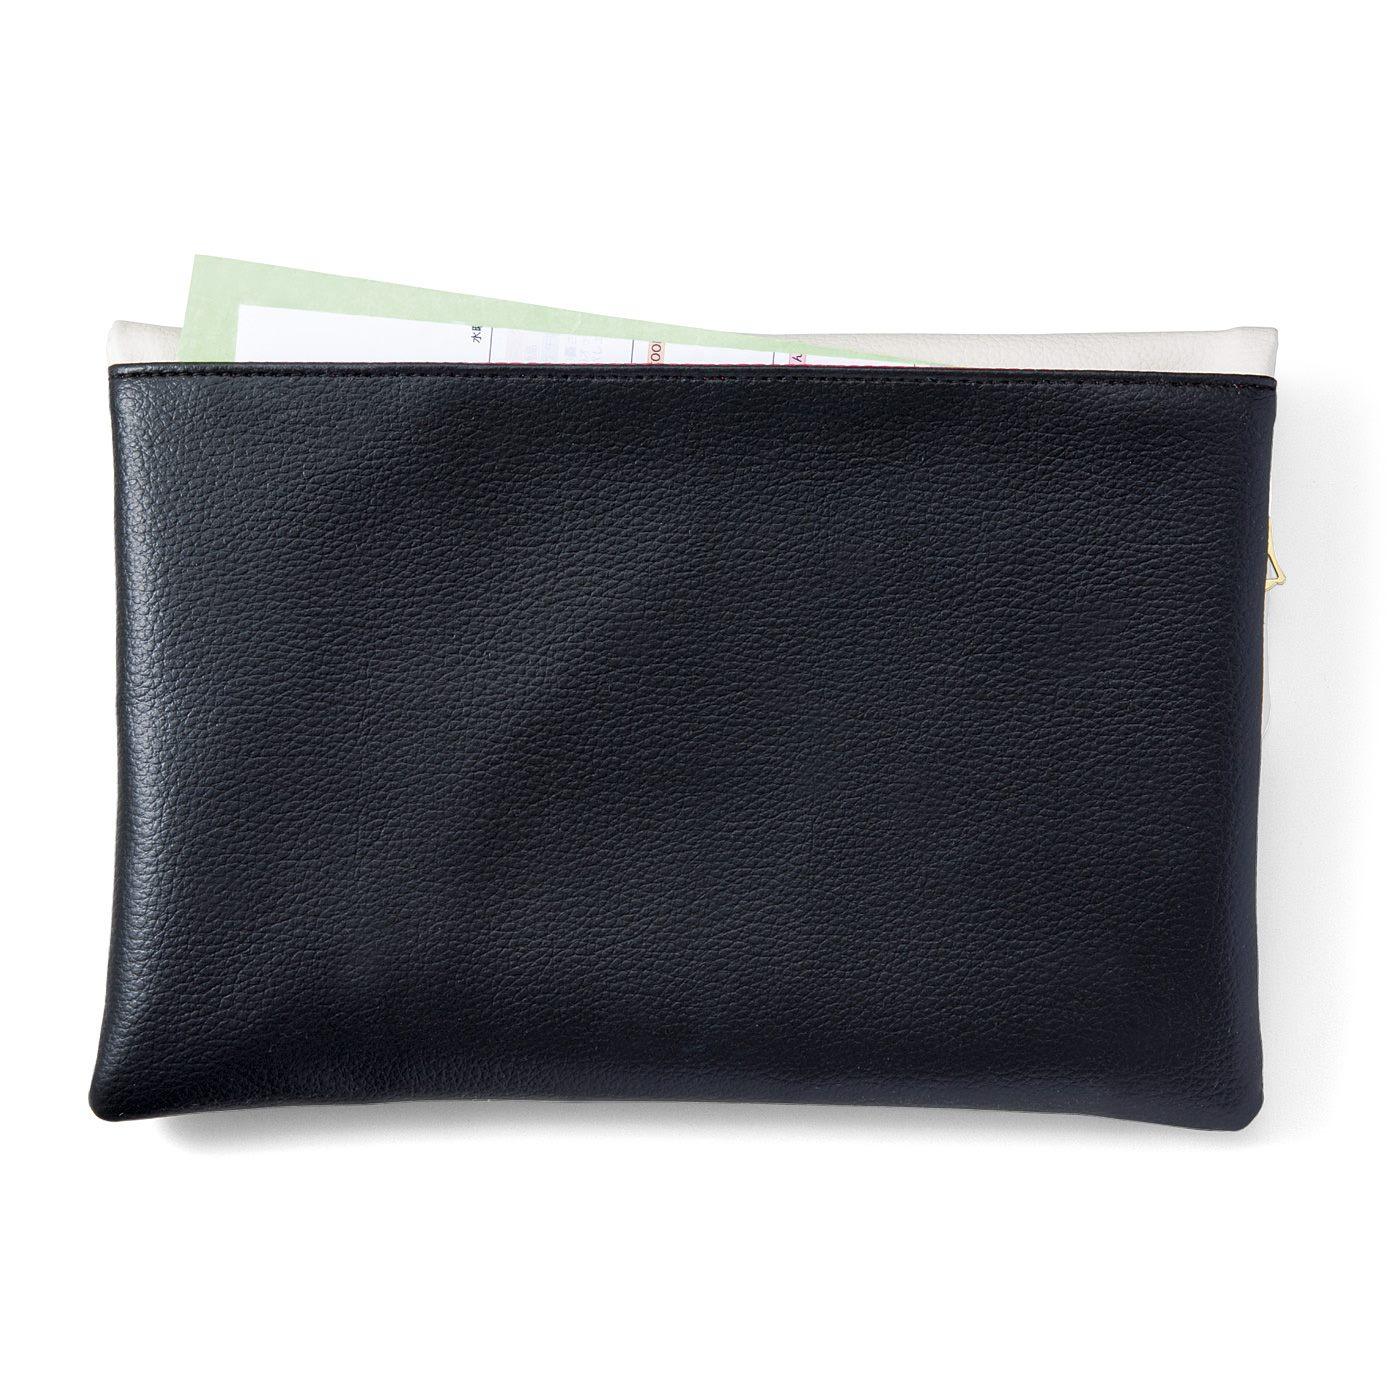 A5サイズの外ポケット付き。サッと取り出したいものは外ポケットに。